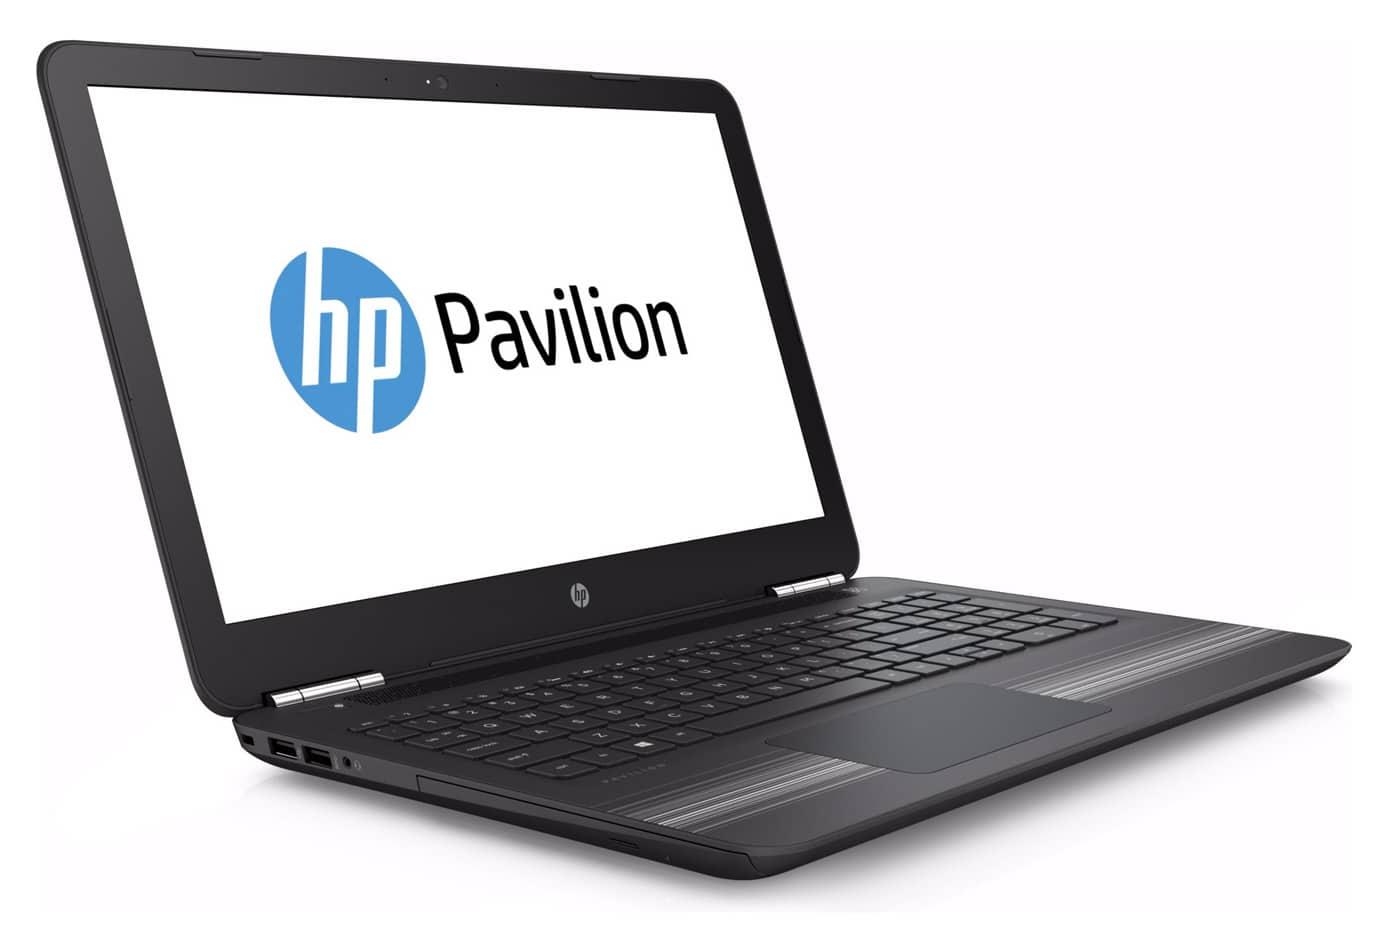 HP Pavilion 15-au103nf, PC portable 15 pouces SSD i7 940MX (825€)